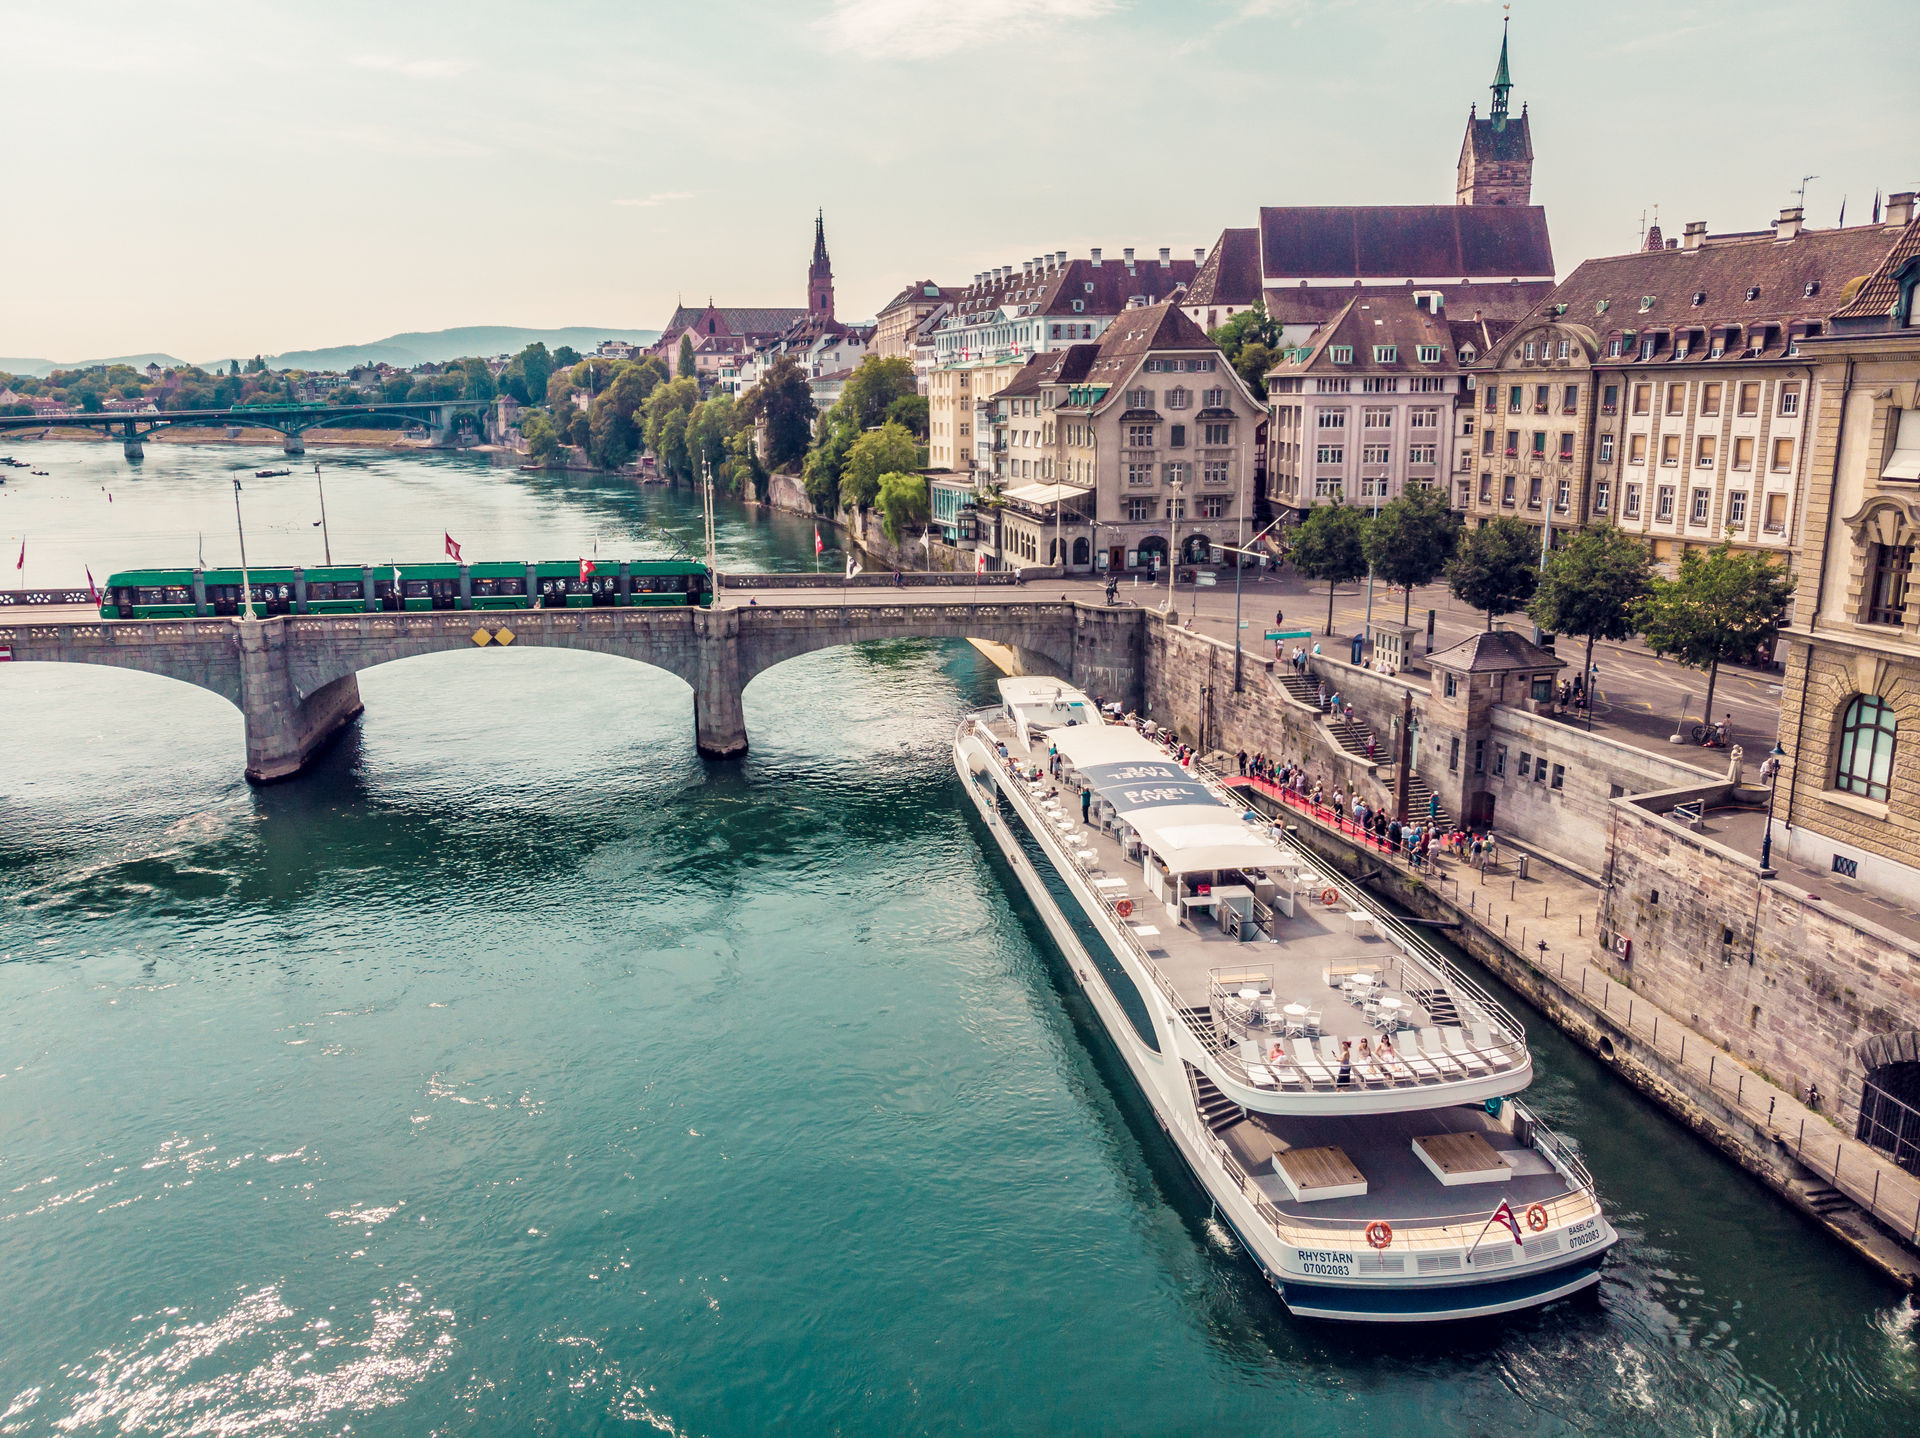 Das Personenschiff der Basler Personenschifffahrt (BPG)  bietet neben Schleusenfahrten auch romantische Rhein-Erlebnisse am Abend – Dinner und Sonnenuntergang inklusive.